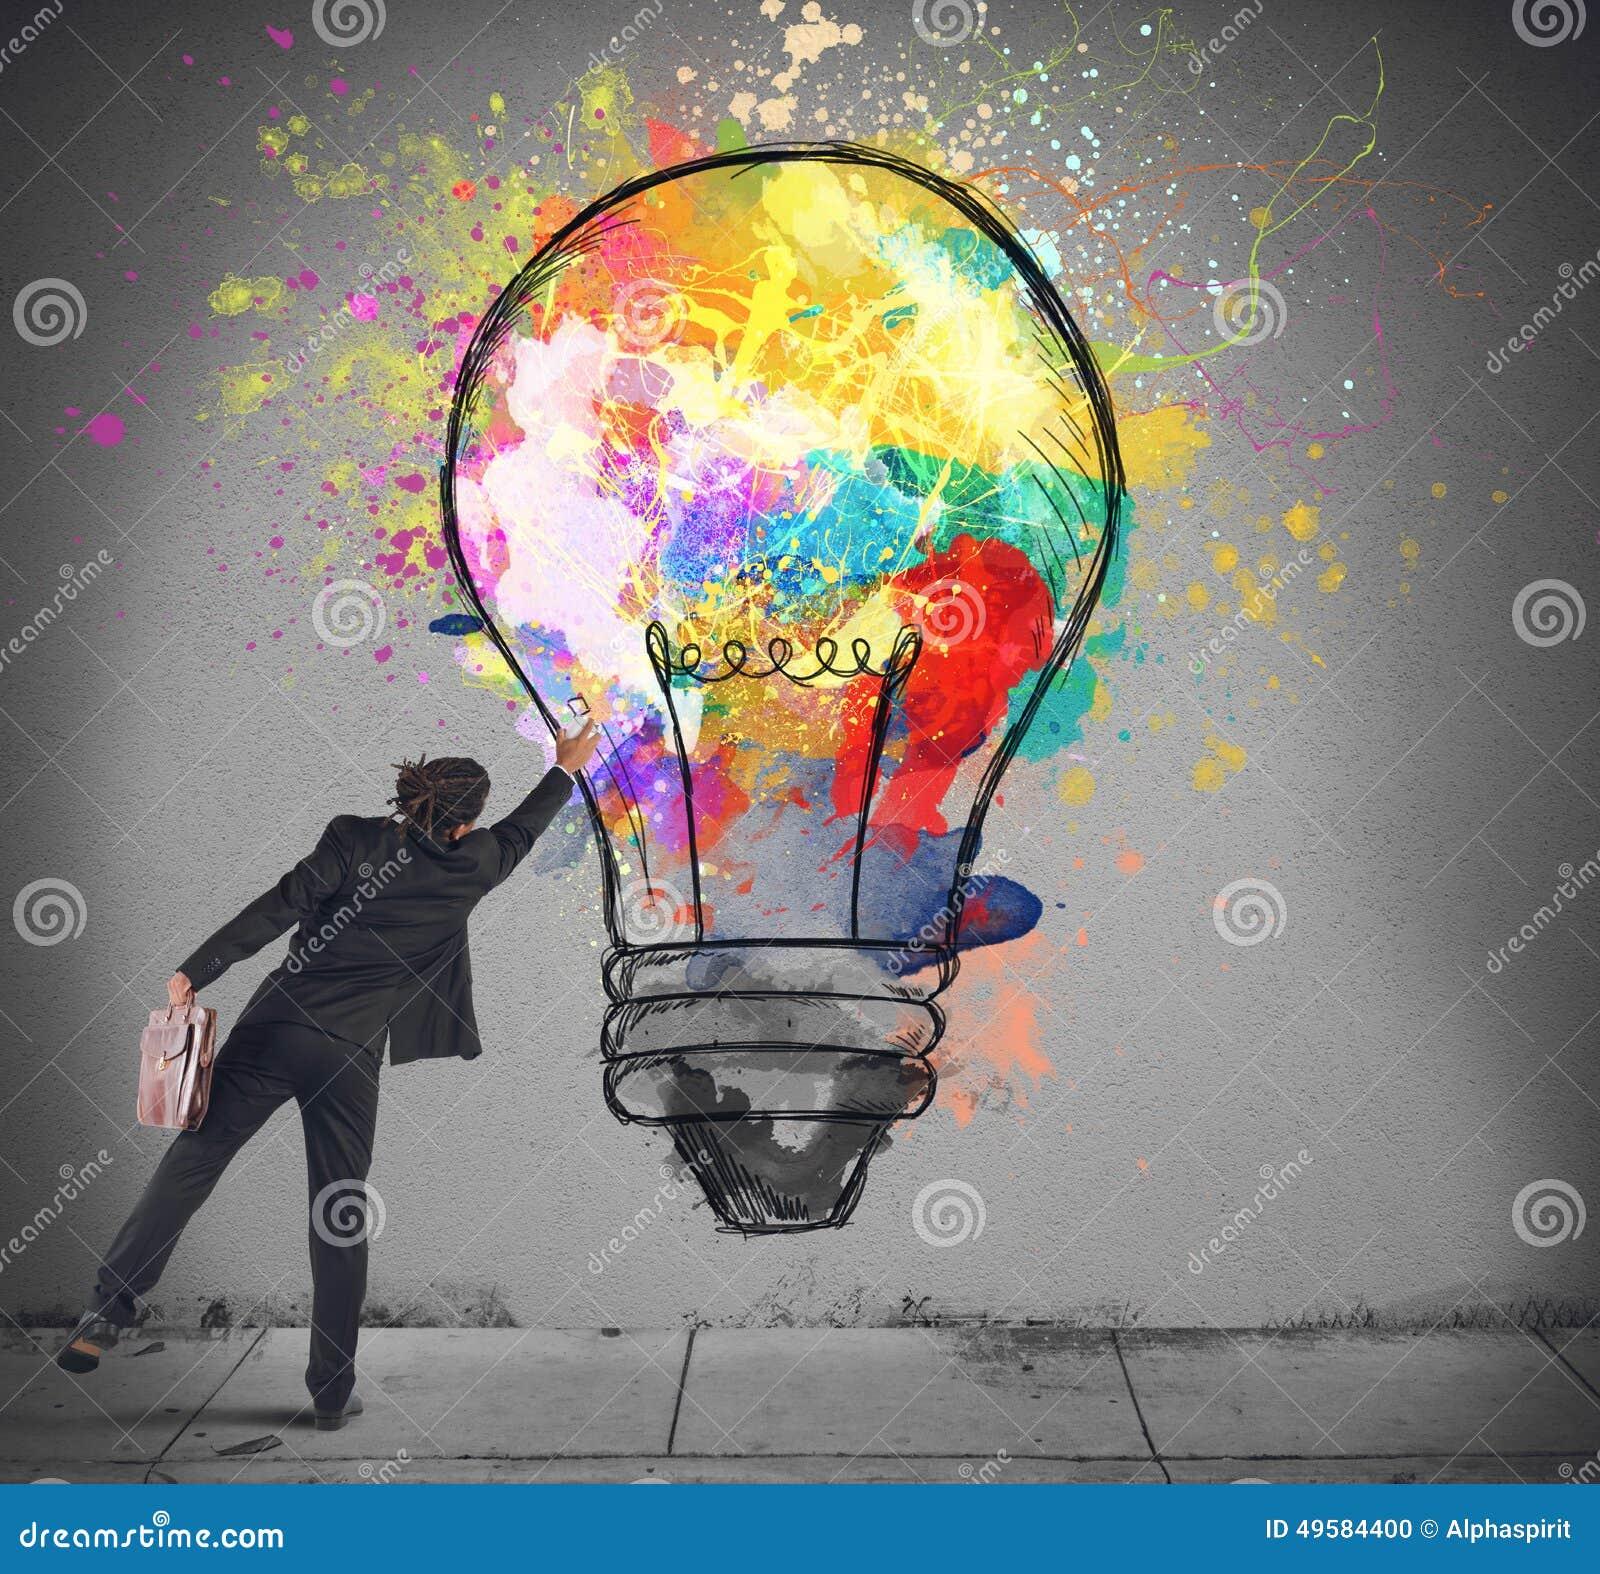 colore une ampoule - Ampoule Colore